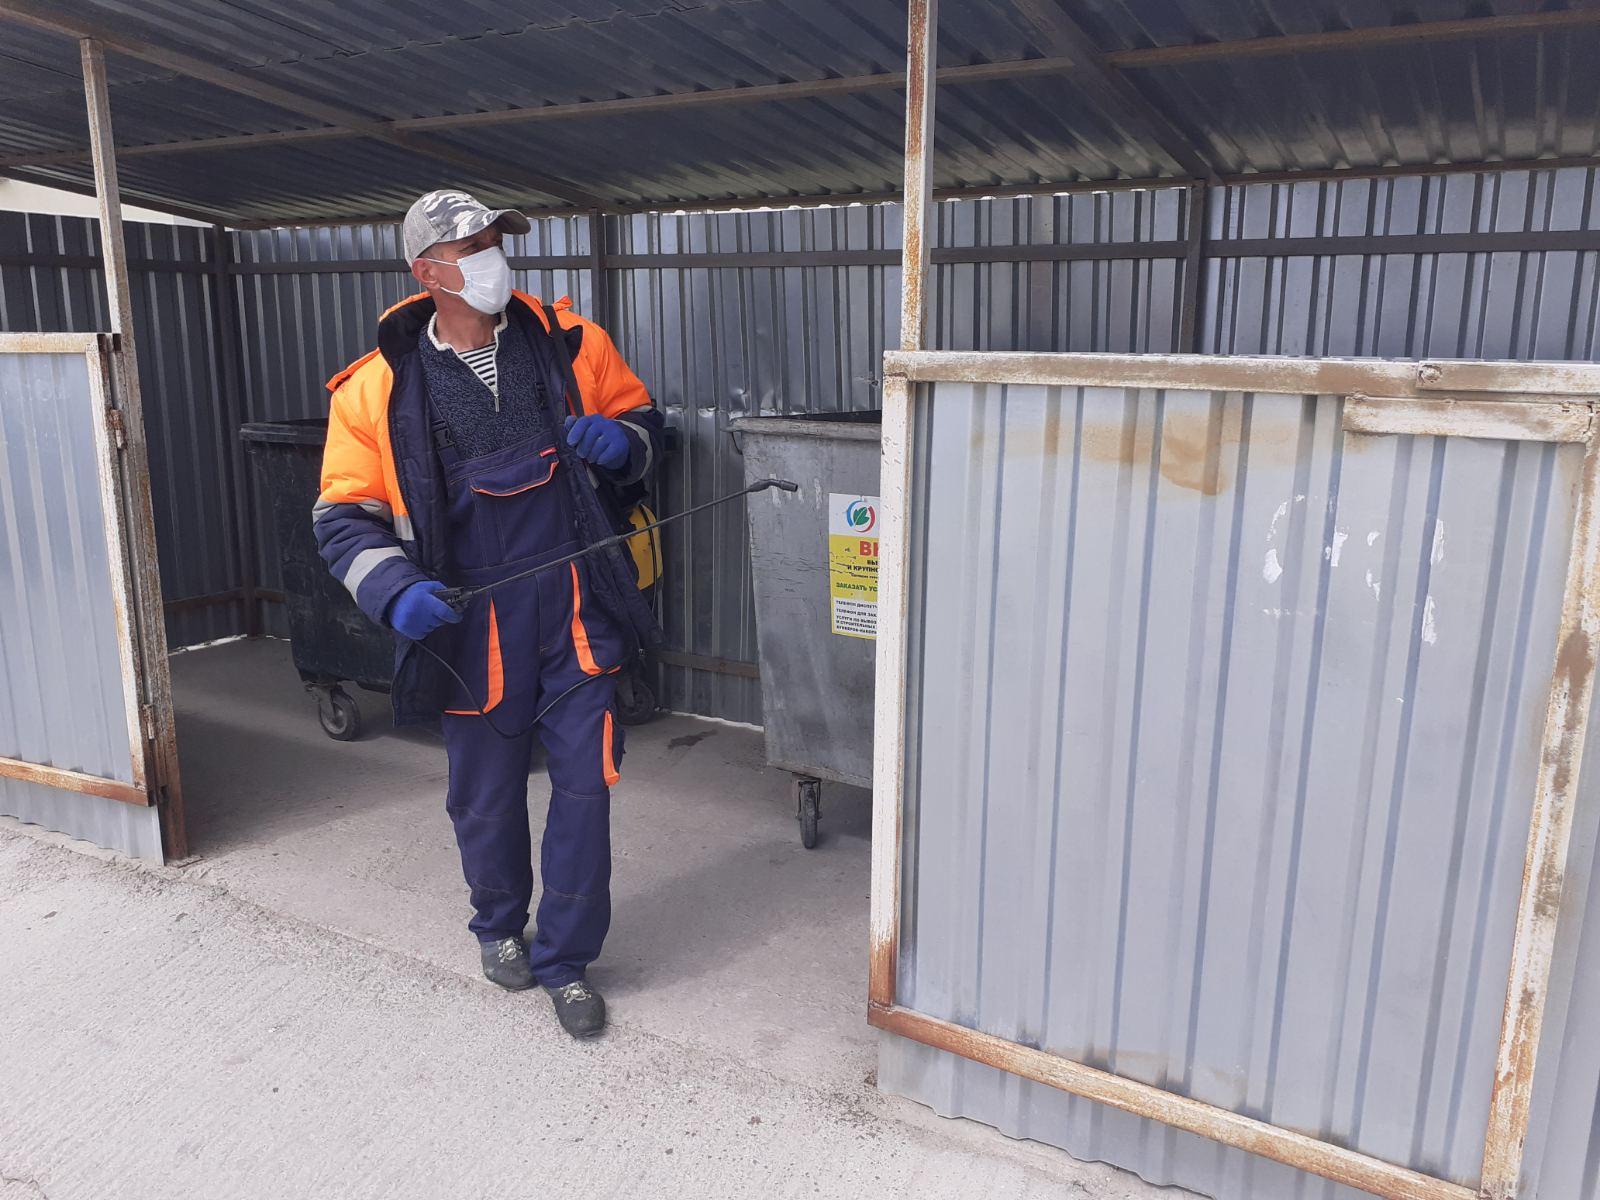 Санитарная обработка контейнерной площадки